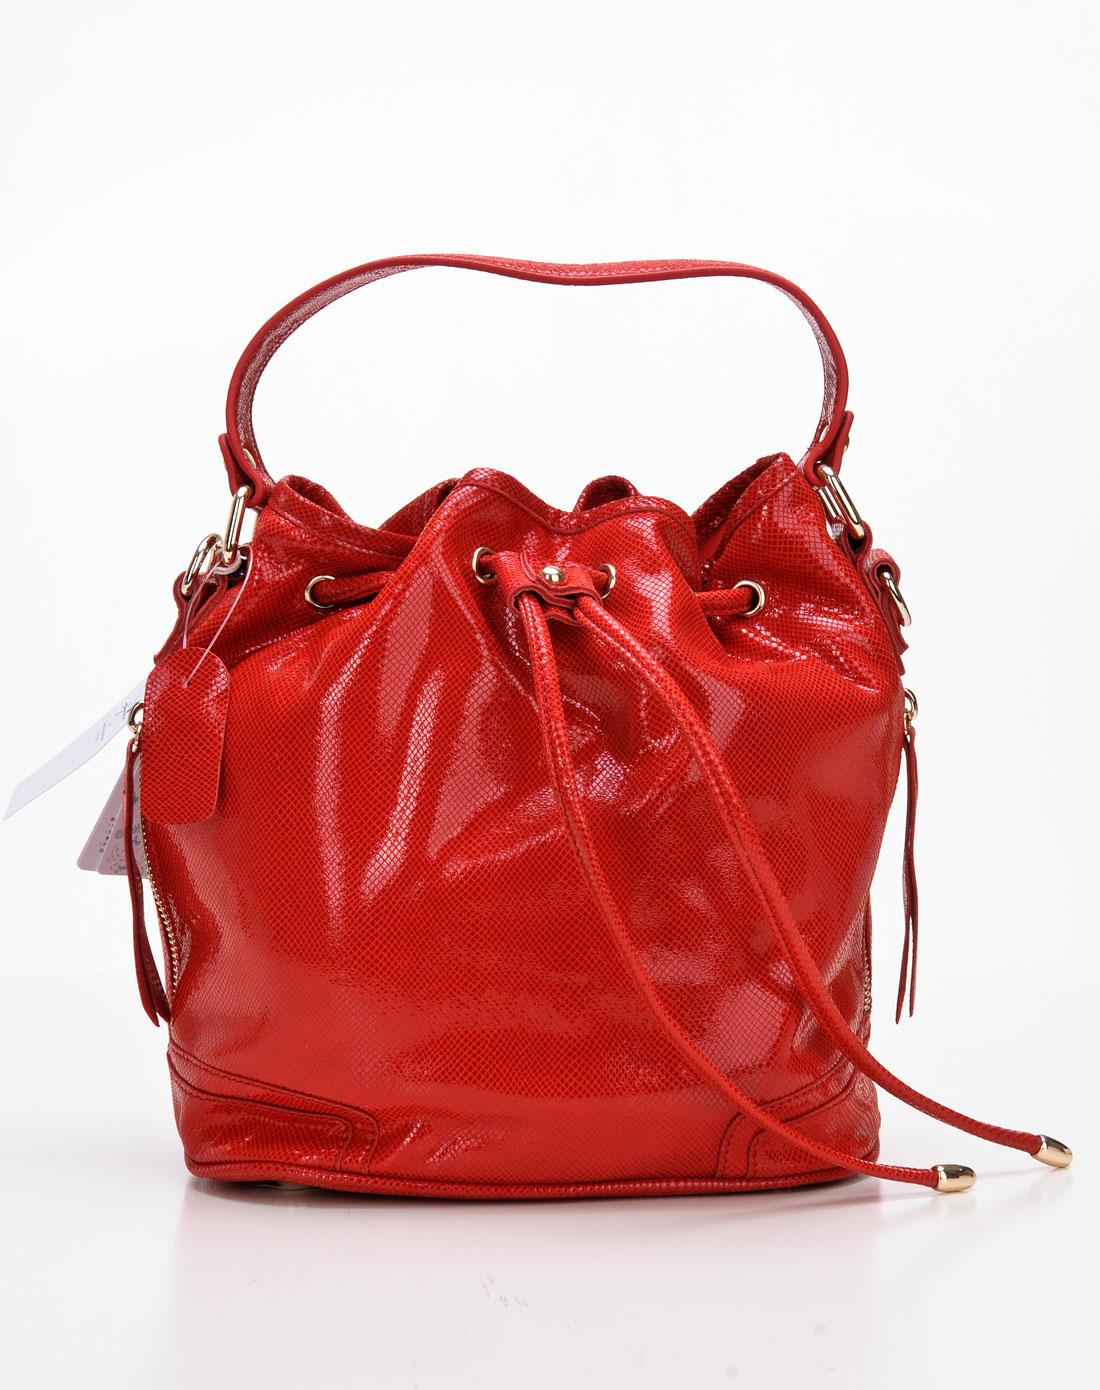 LINE: Leatherbag